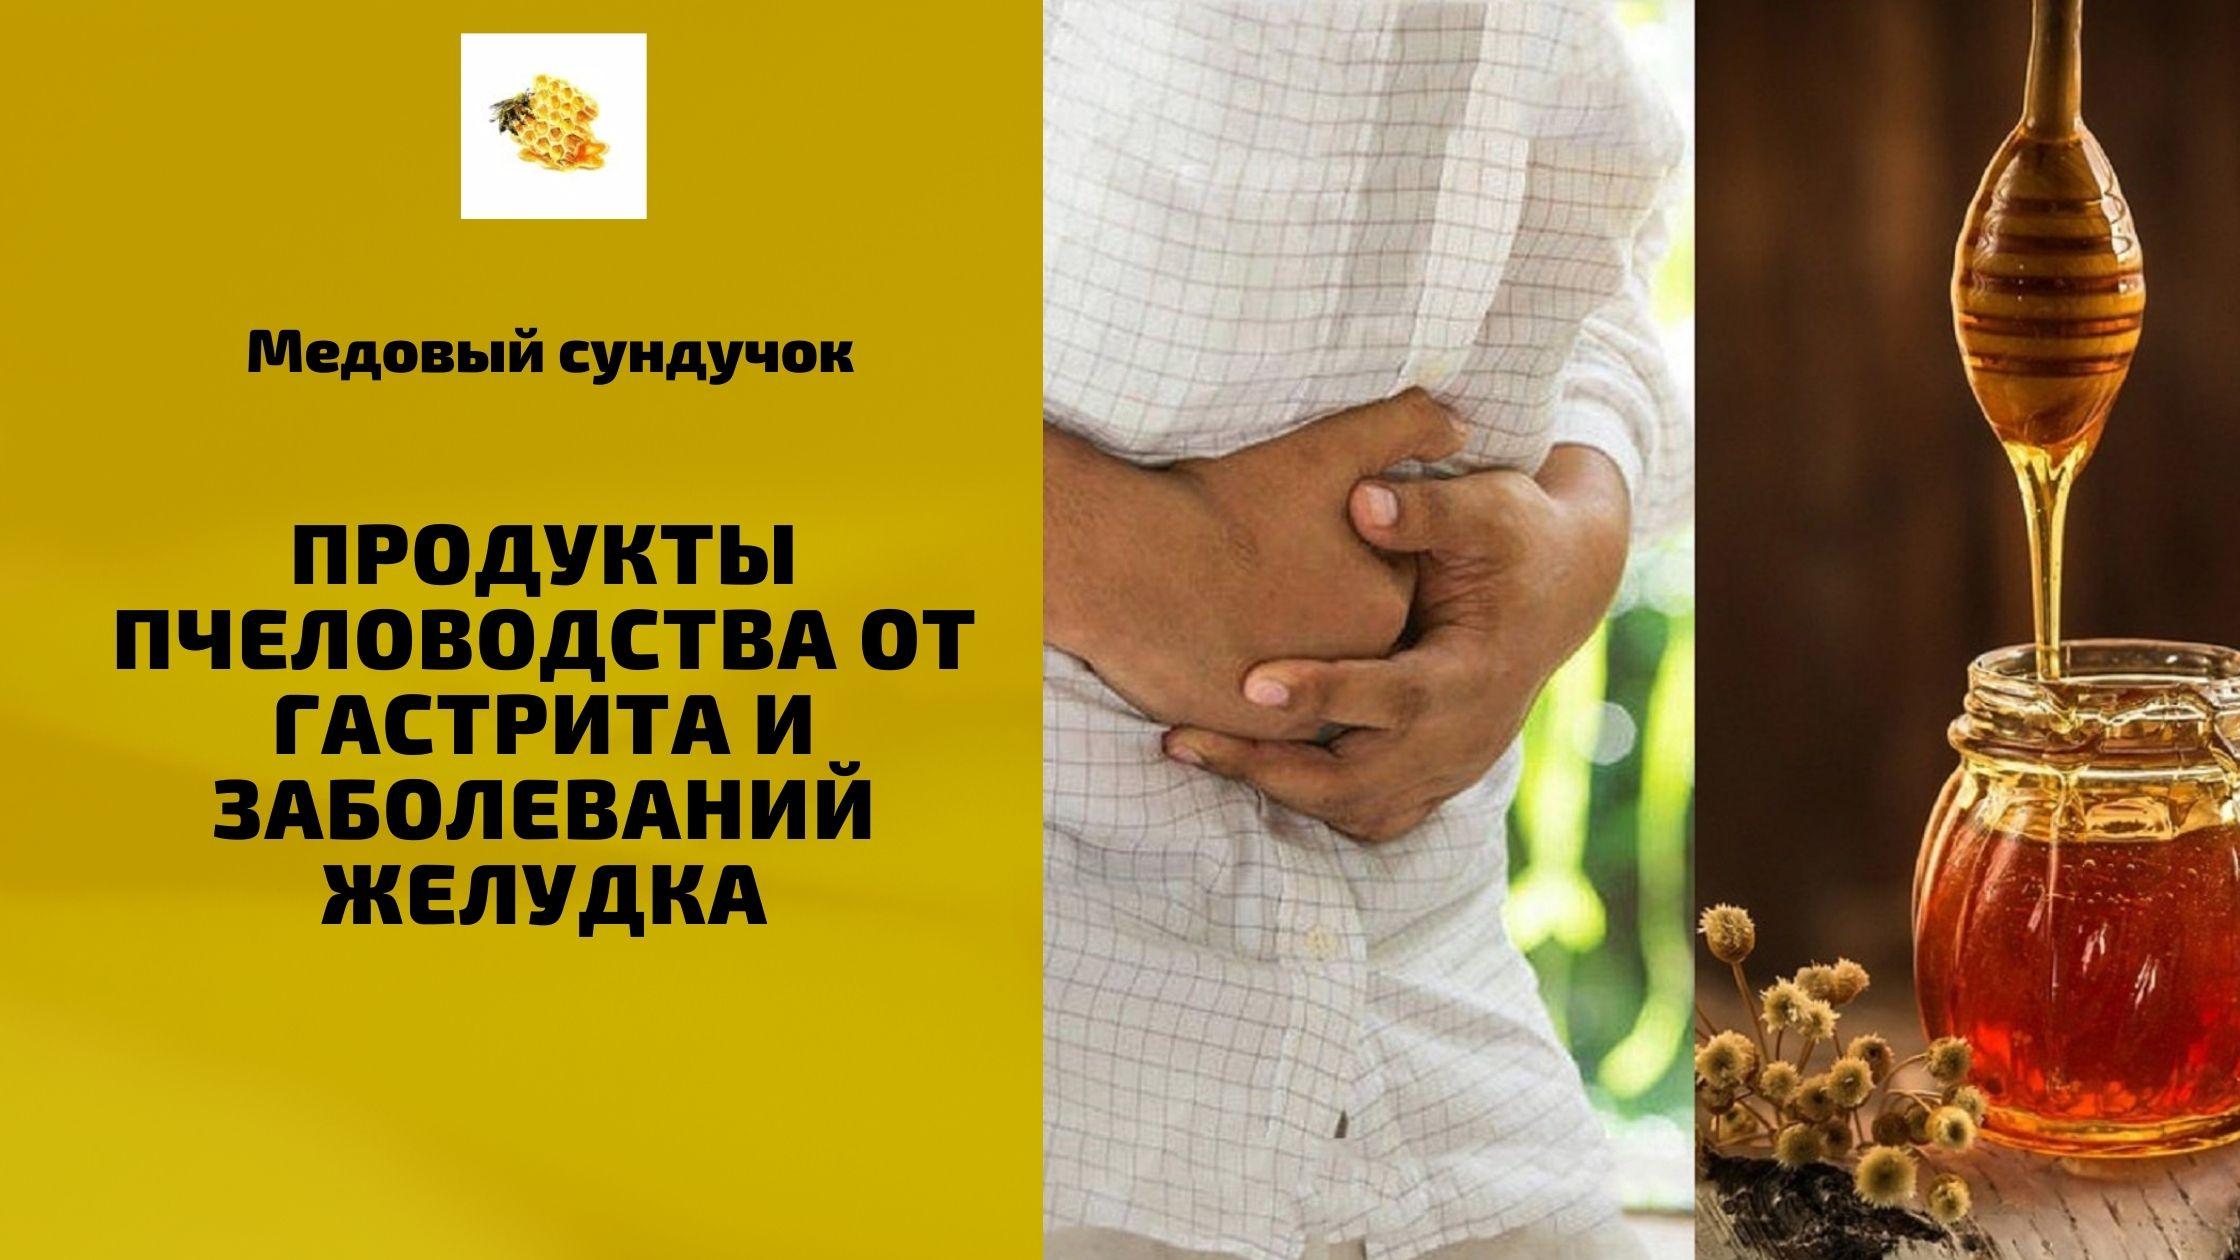 Продукты пчеловодства от гастрита и заболеваний желудка